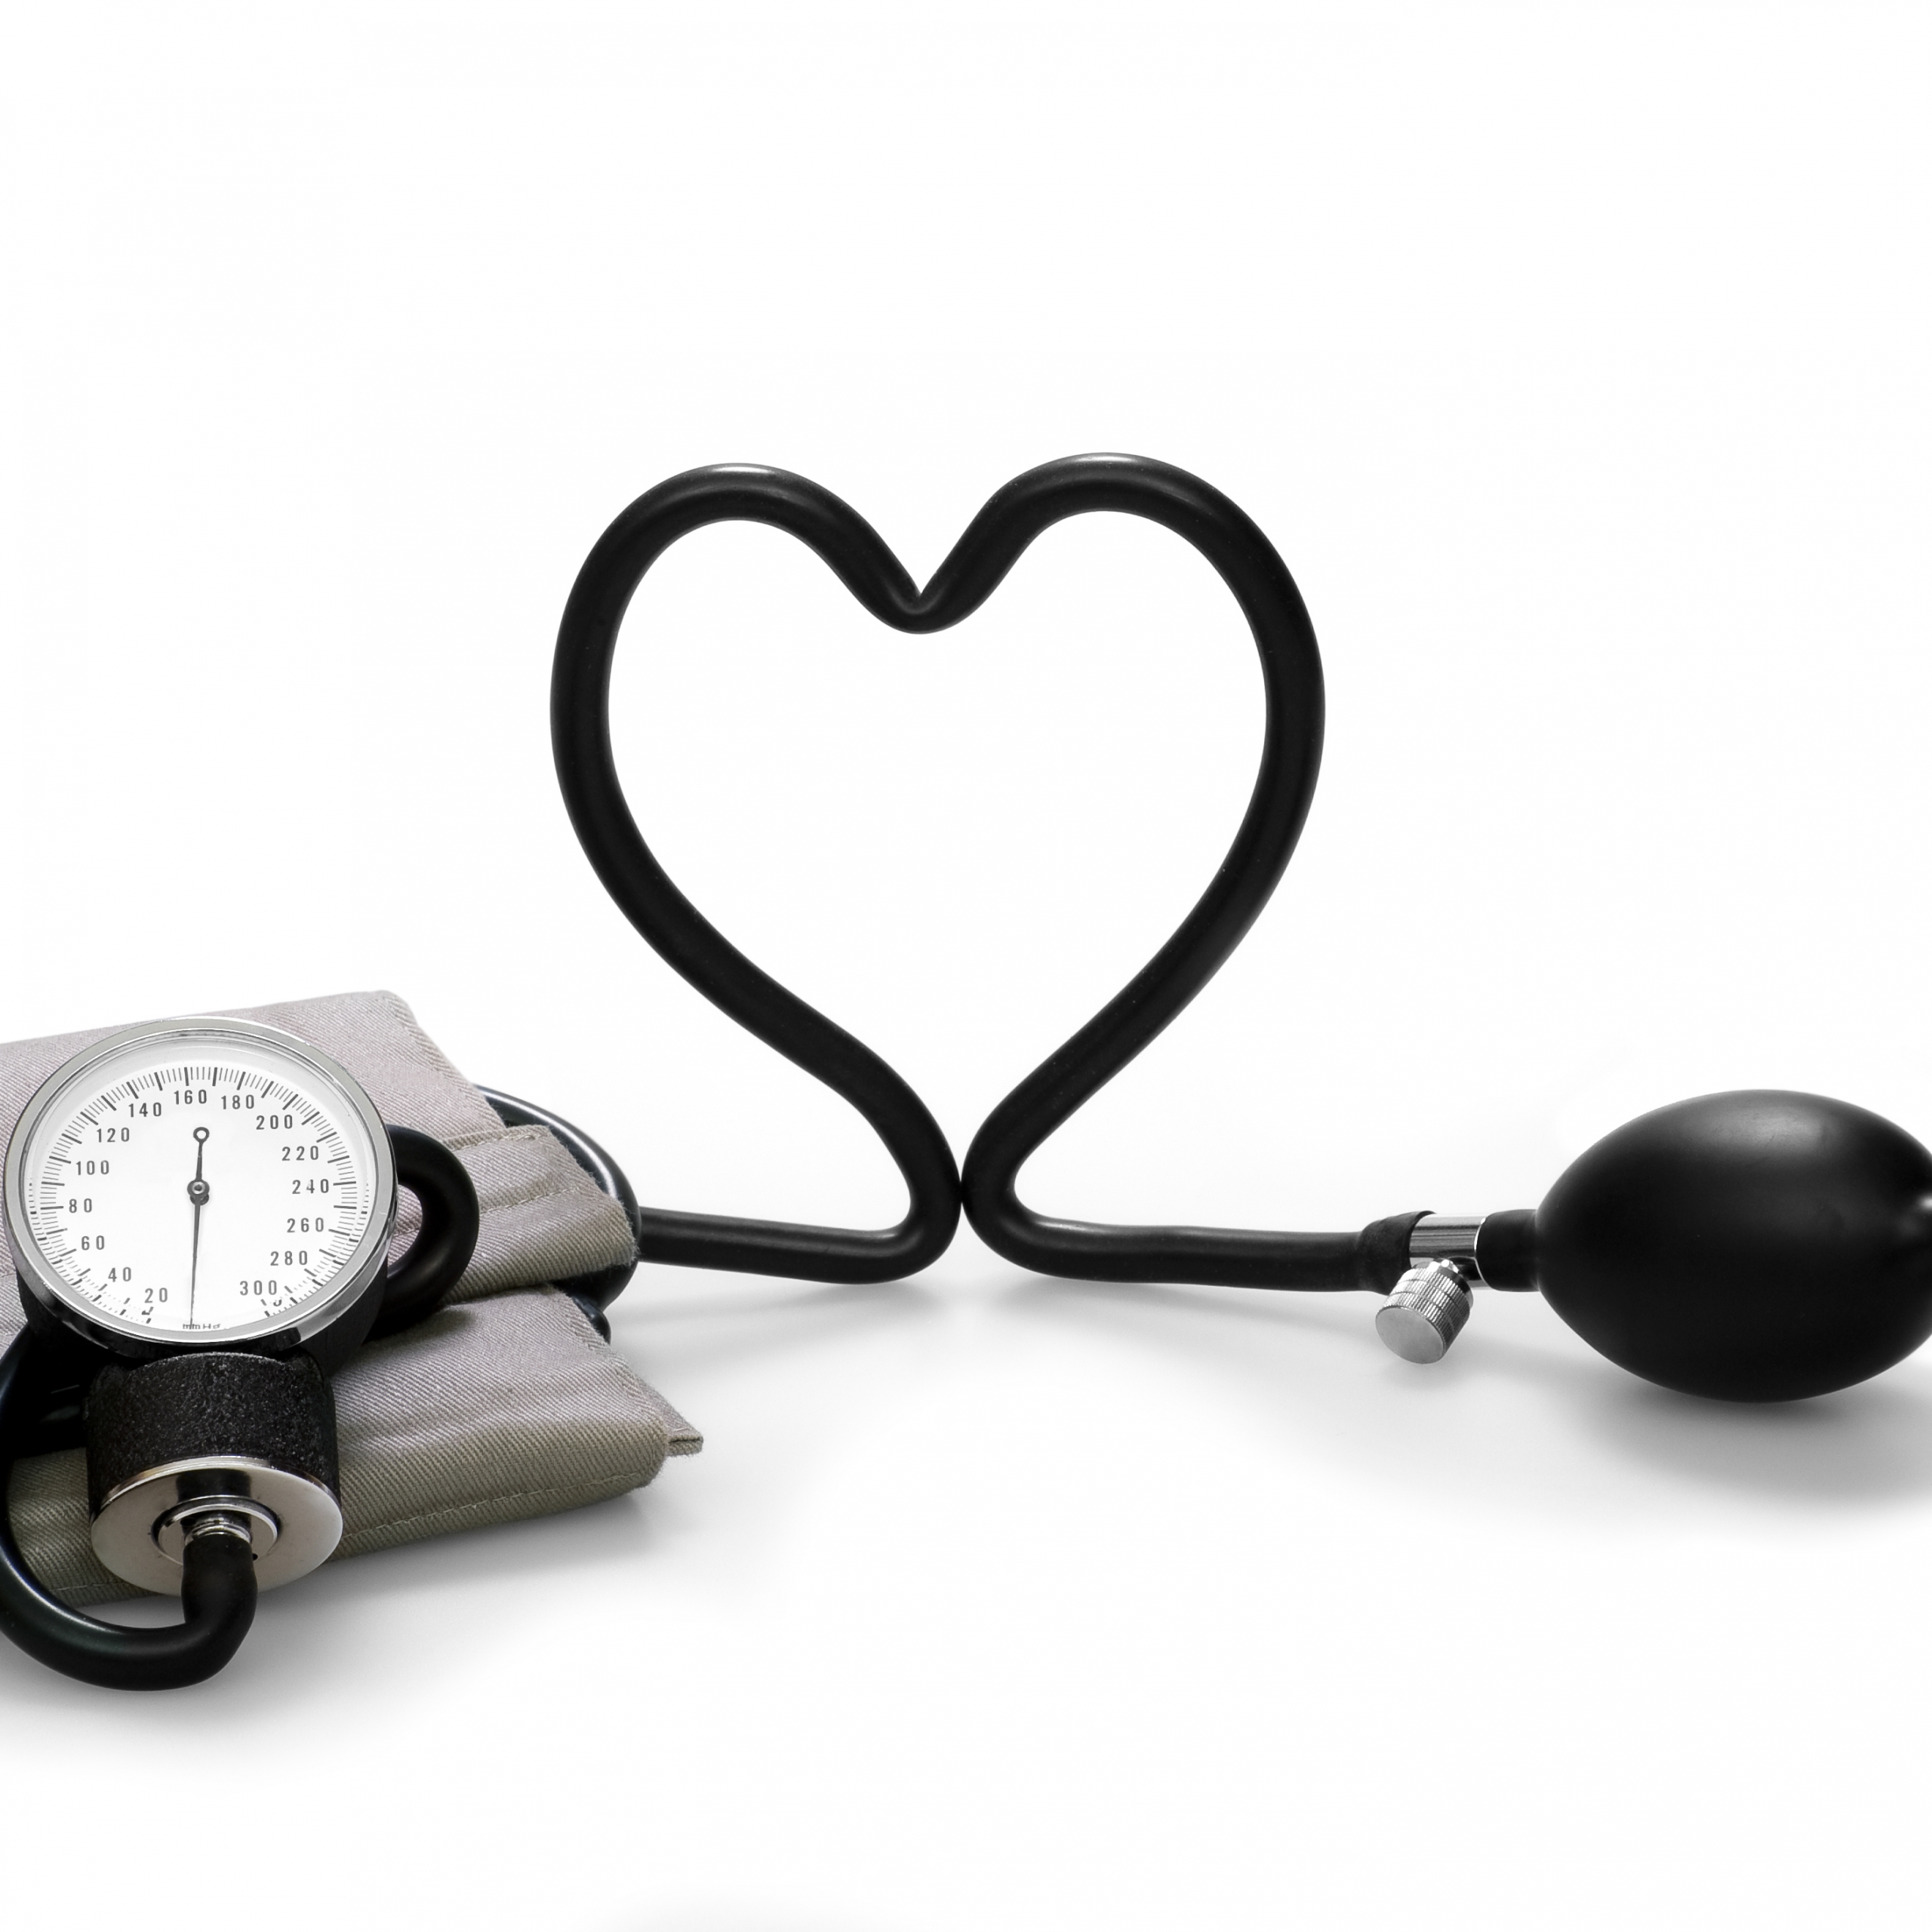 stethoscope_heart_92.jpg